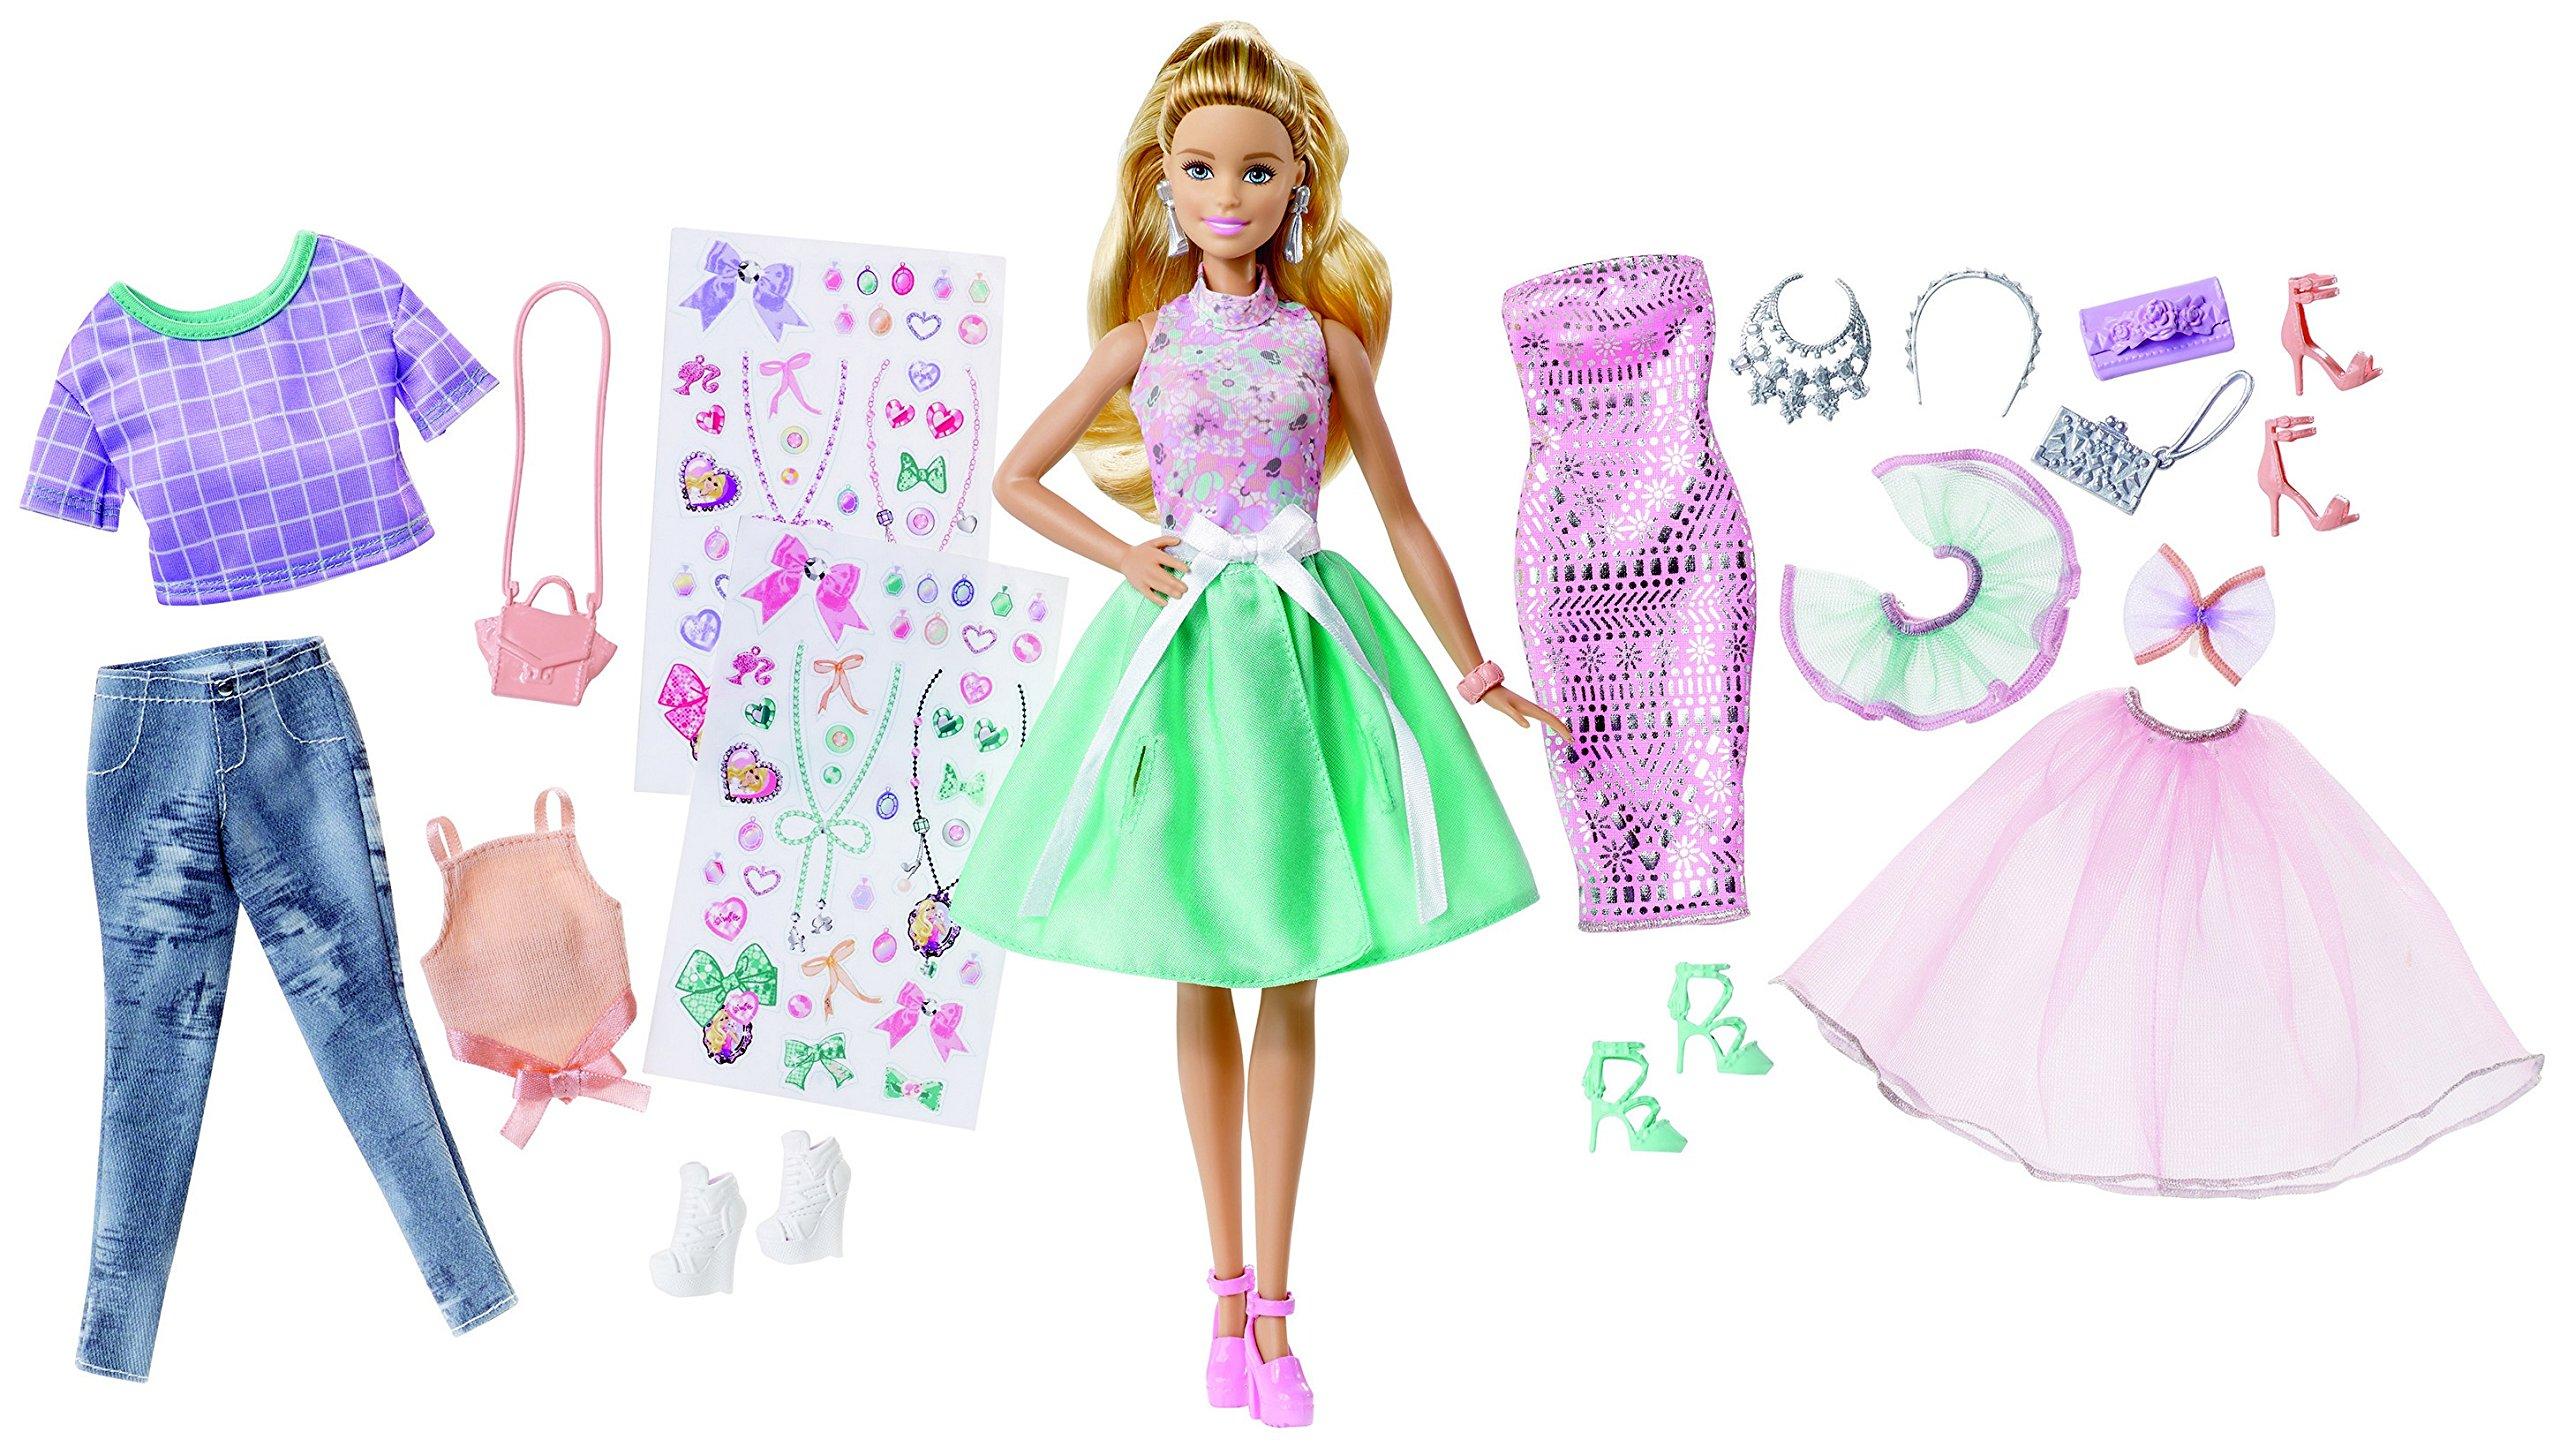 Amazon.es: Barbie Fashion Activity Gifset con Ropa: Juguetes y juegos